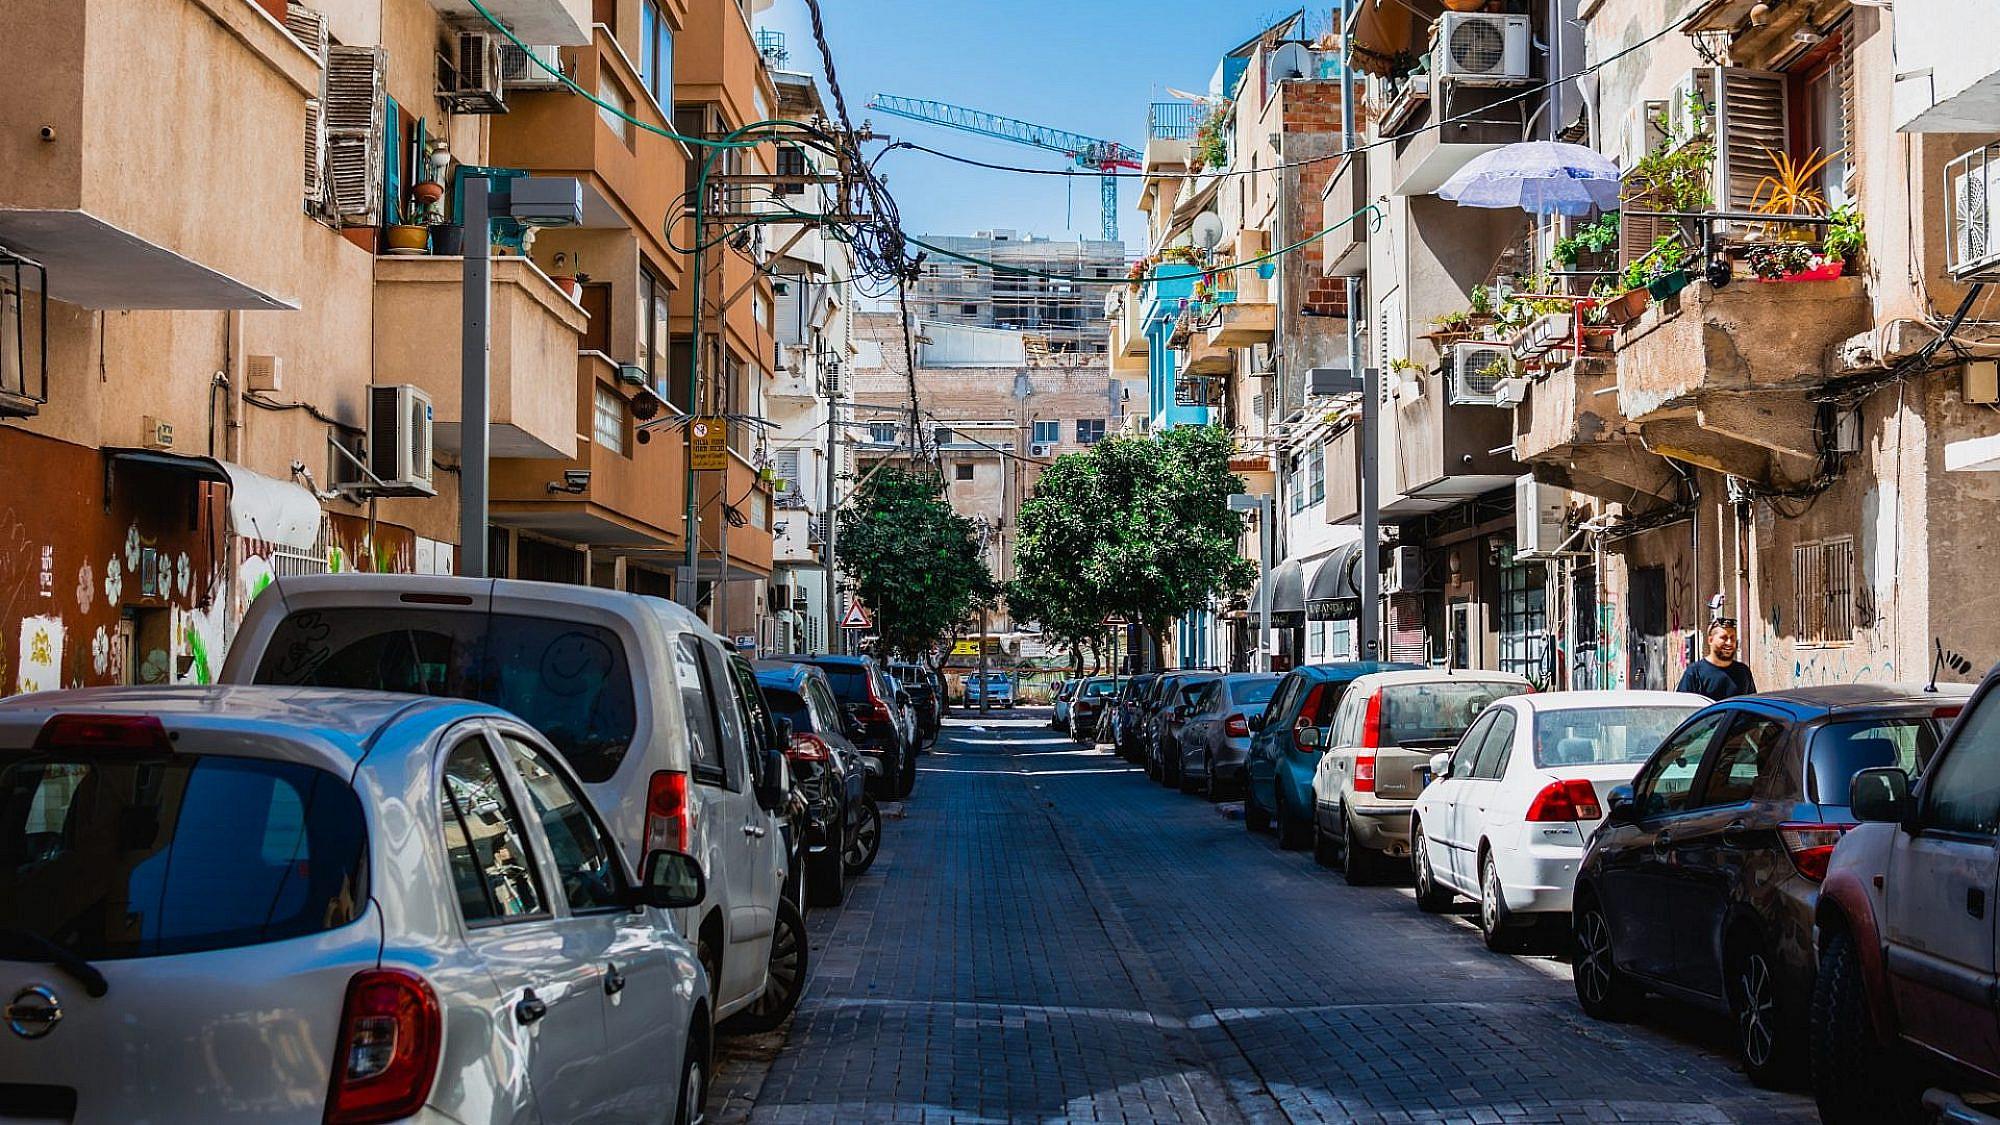 רחובות נטושים ועסקים מחוסלים. שכונת פלורנטין (צילום: שאטרסטוק)